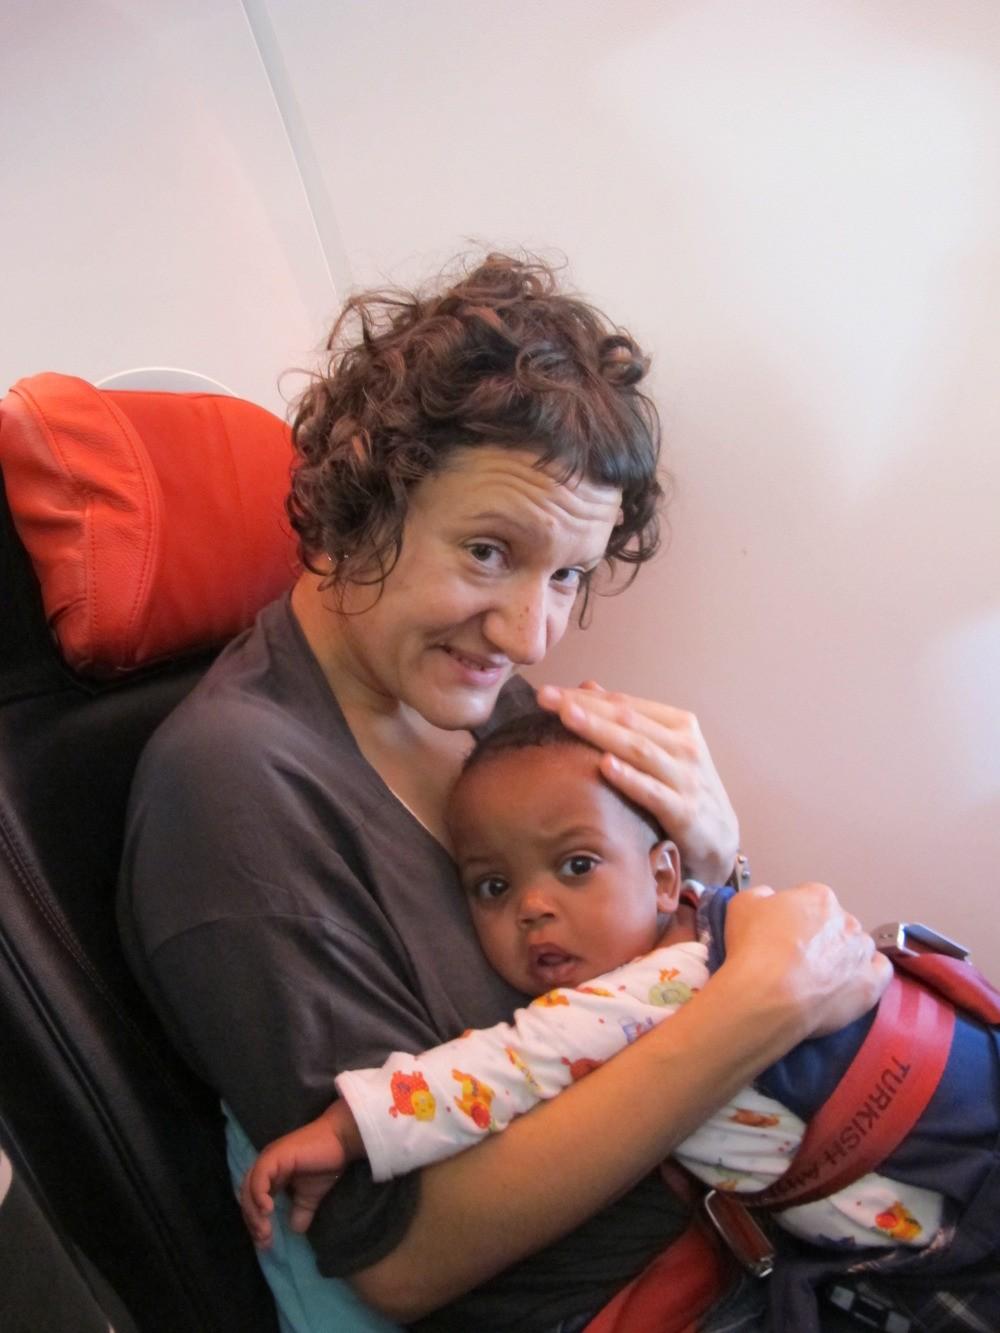 Στο αεροπλάνο του ερχομού στην Ελλάδα.